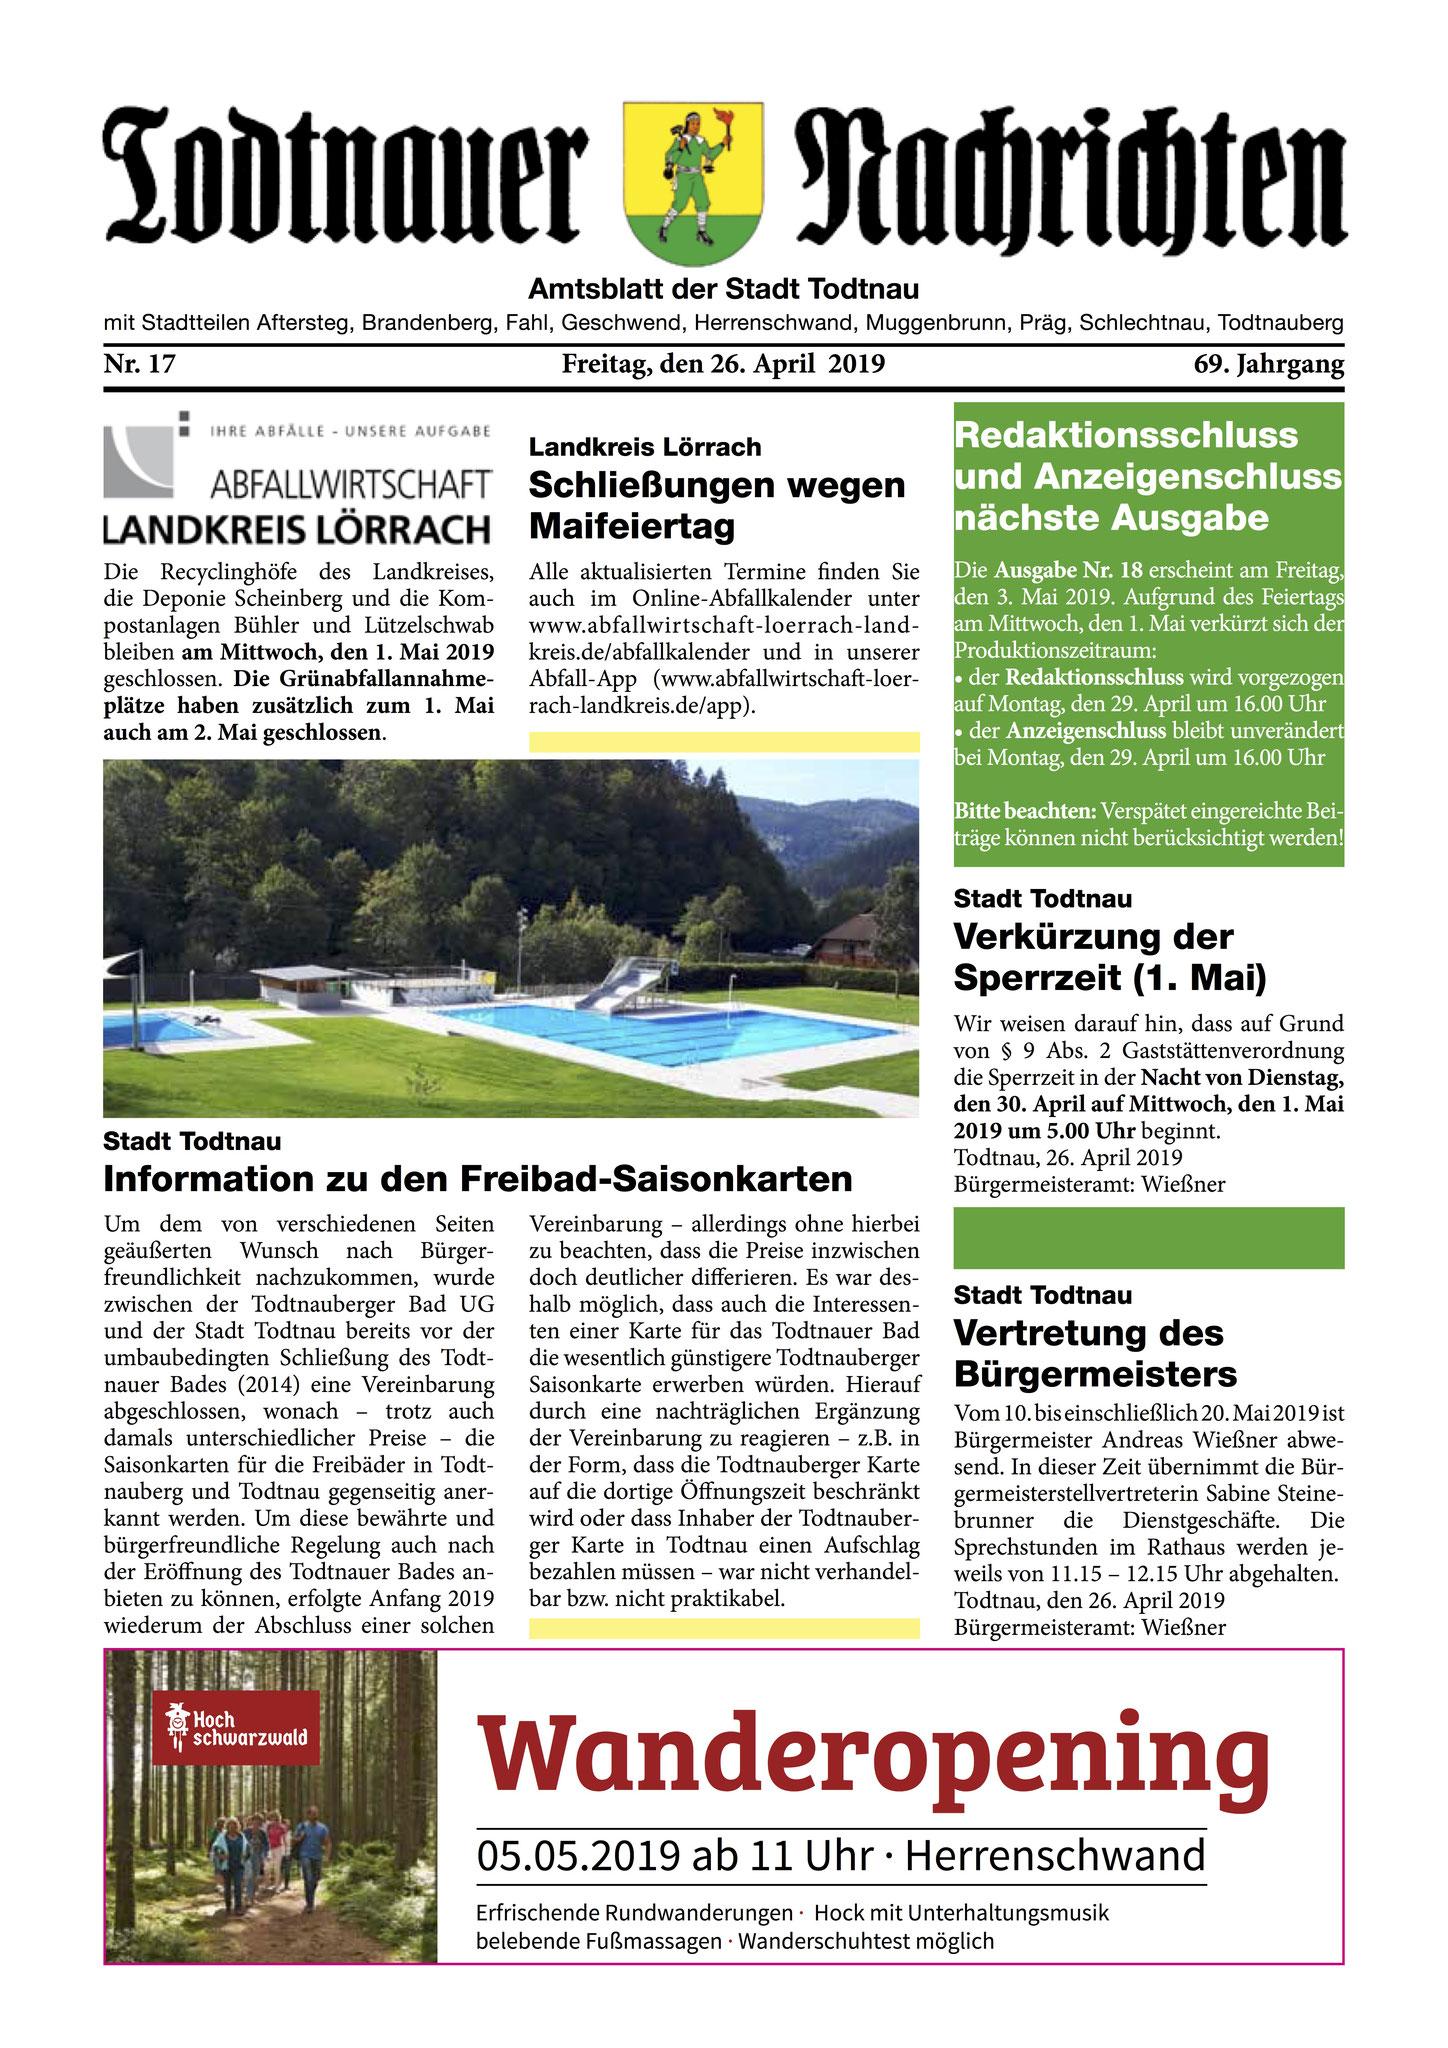 Titel Todtnauer Nachrichten, Satz, Layout, Textbearbeitung, erscheint wöchentlich